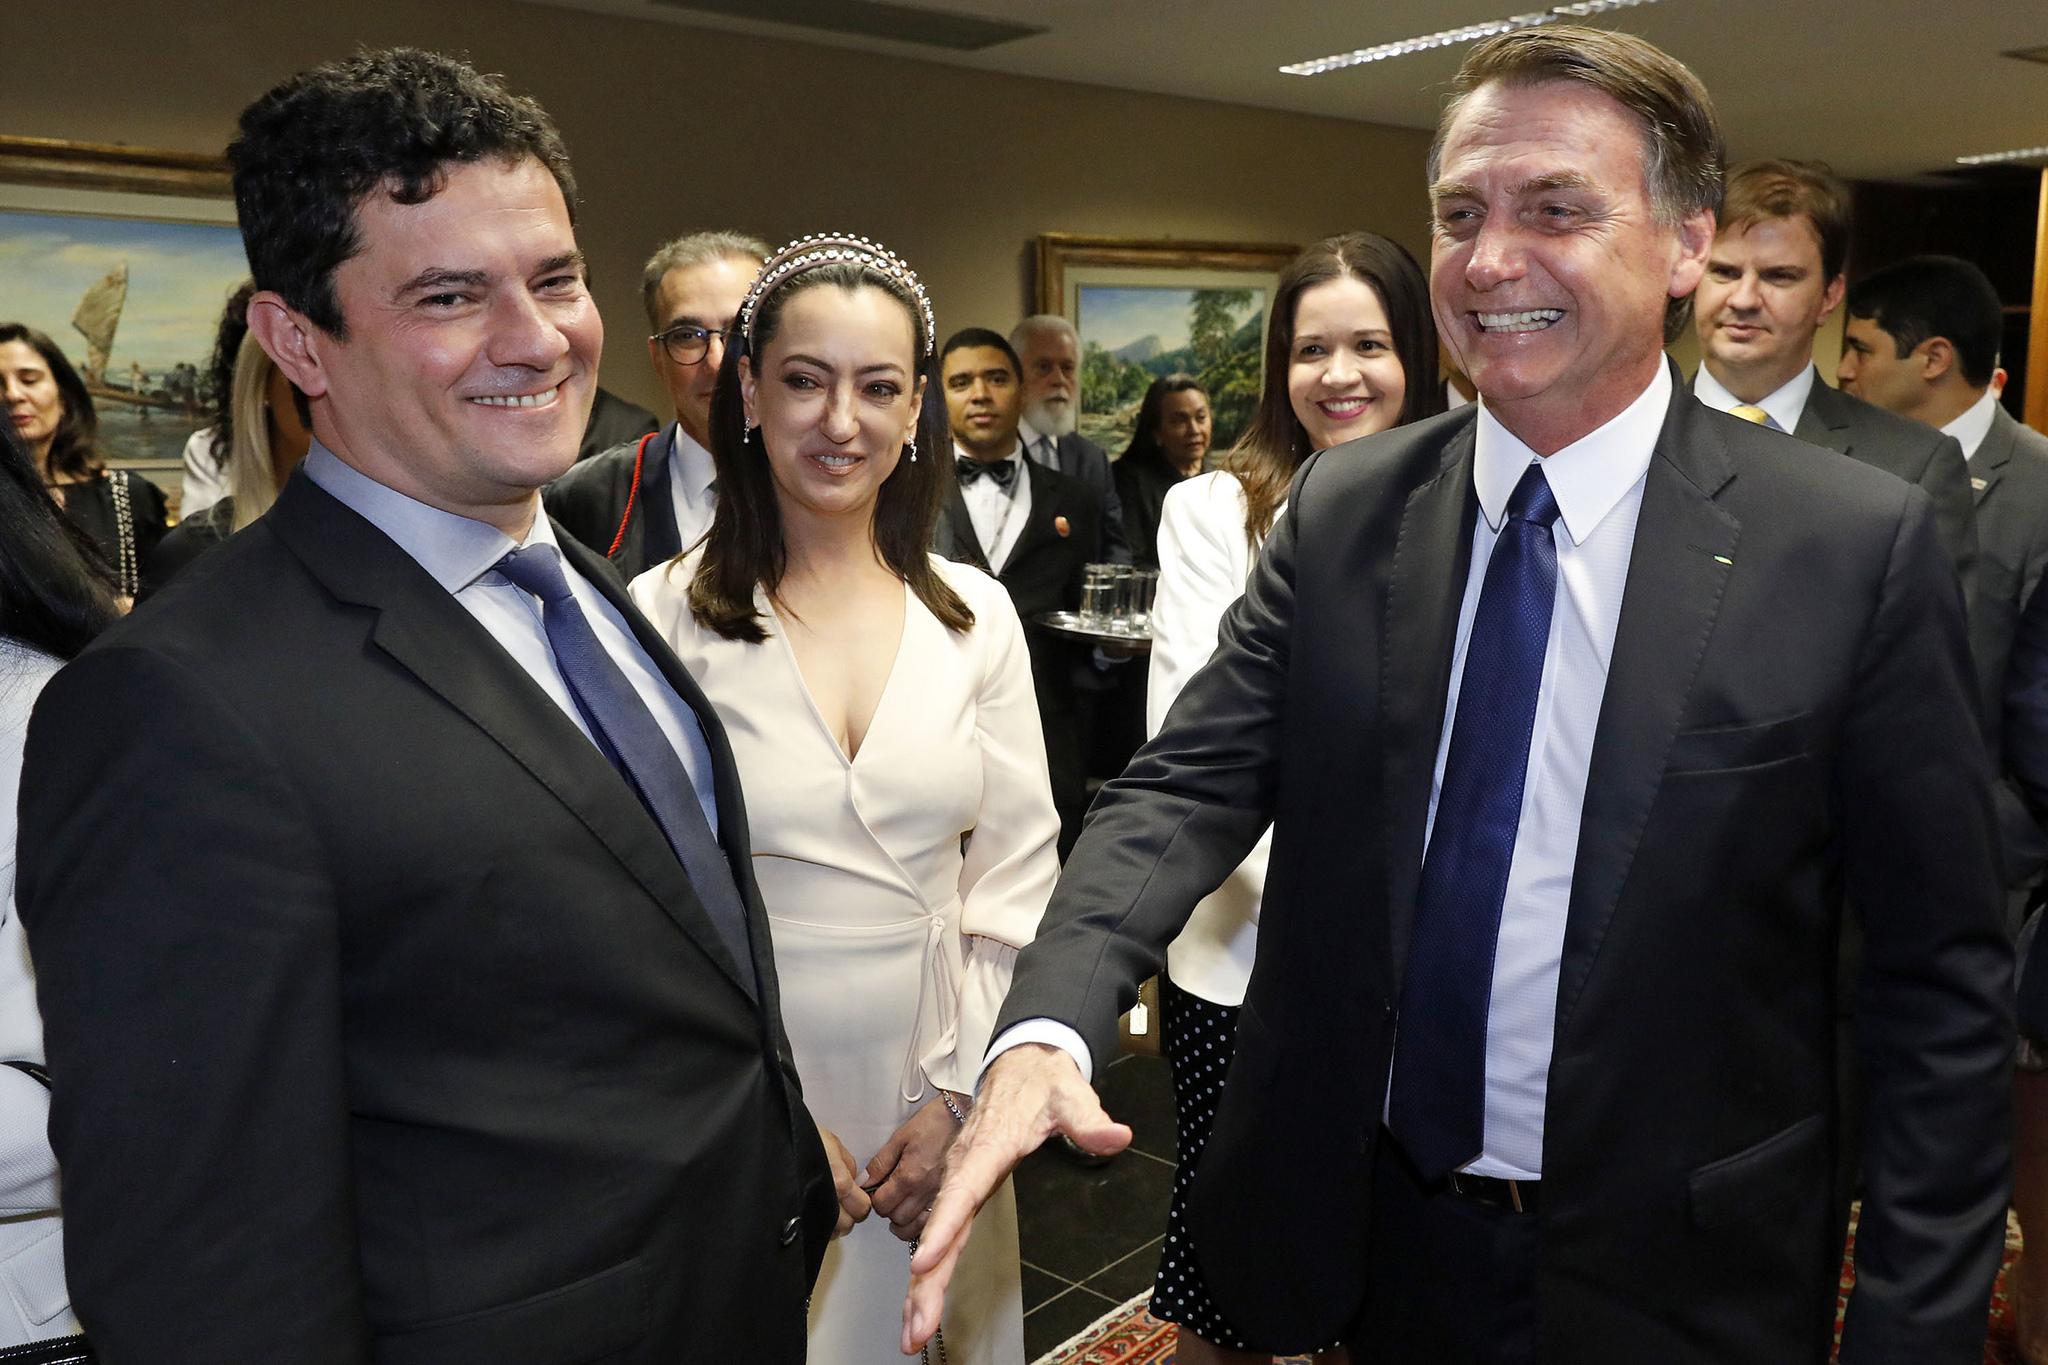 10.12.2018 - Brasília/DF - Sérgio Moro e esposa prestigiam a cerimônia de diplomação de Jair Bolsonaro. Foto: Roberto Jayme/Ascom/TSE